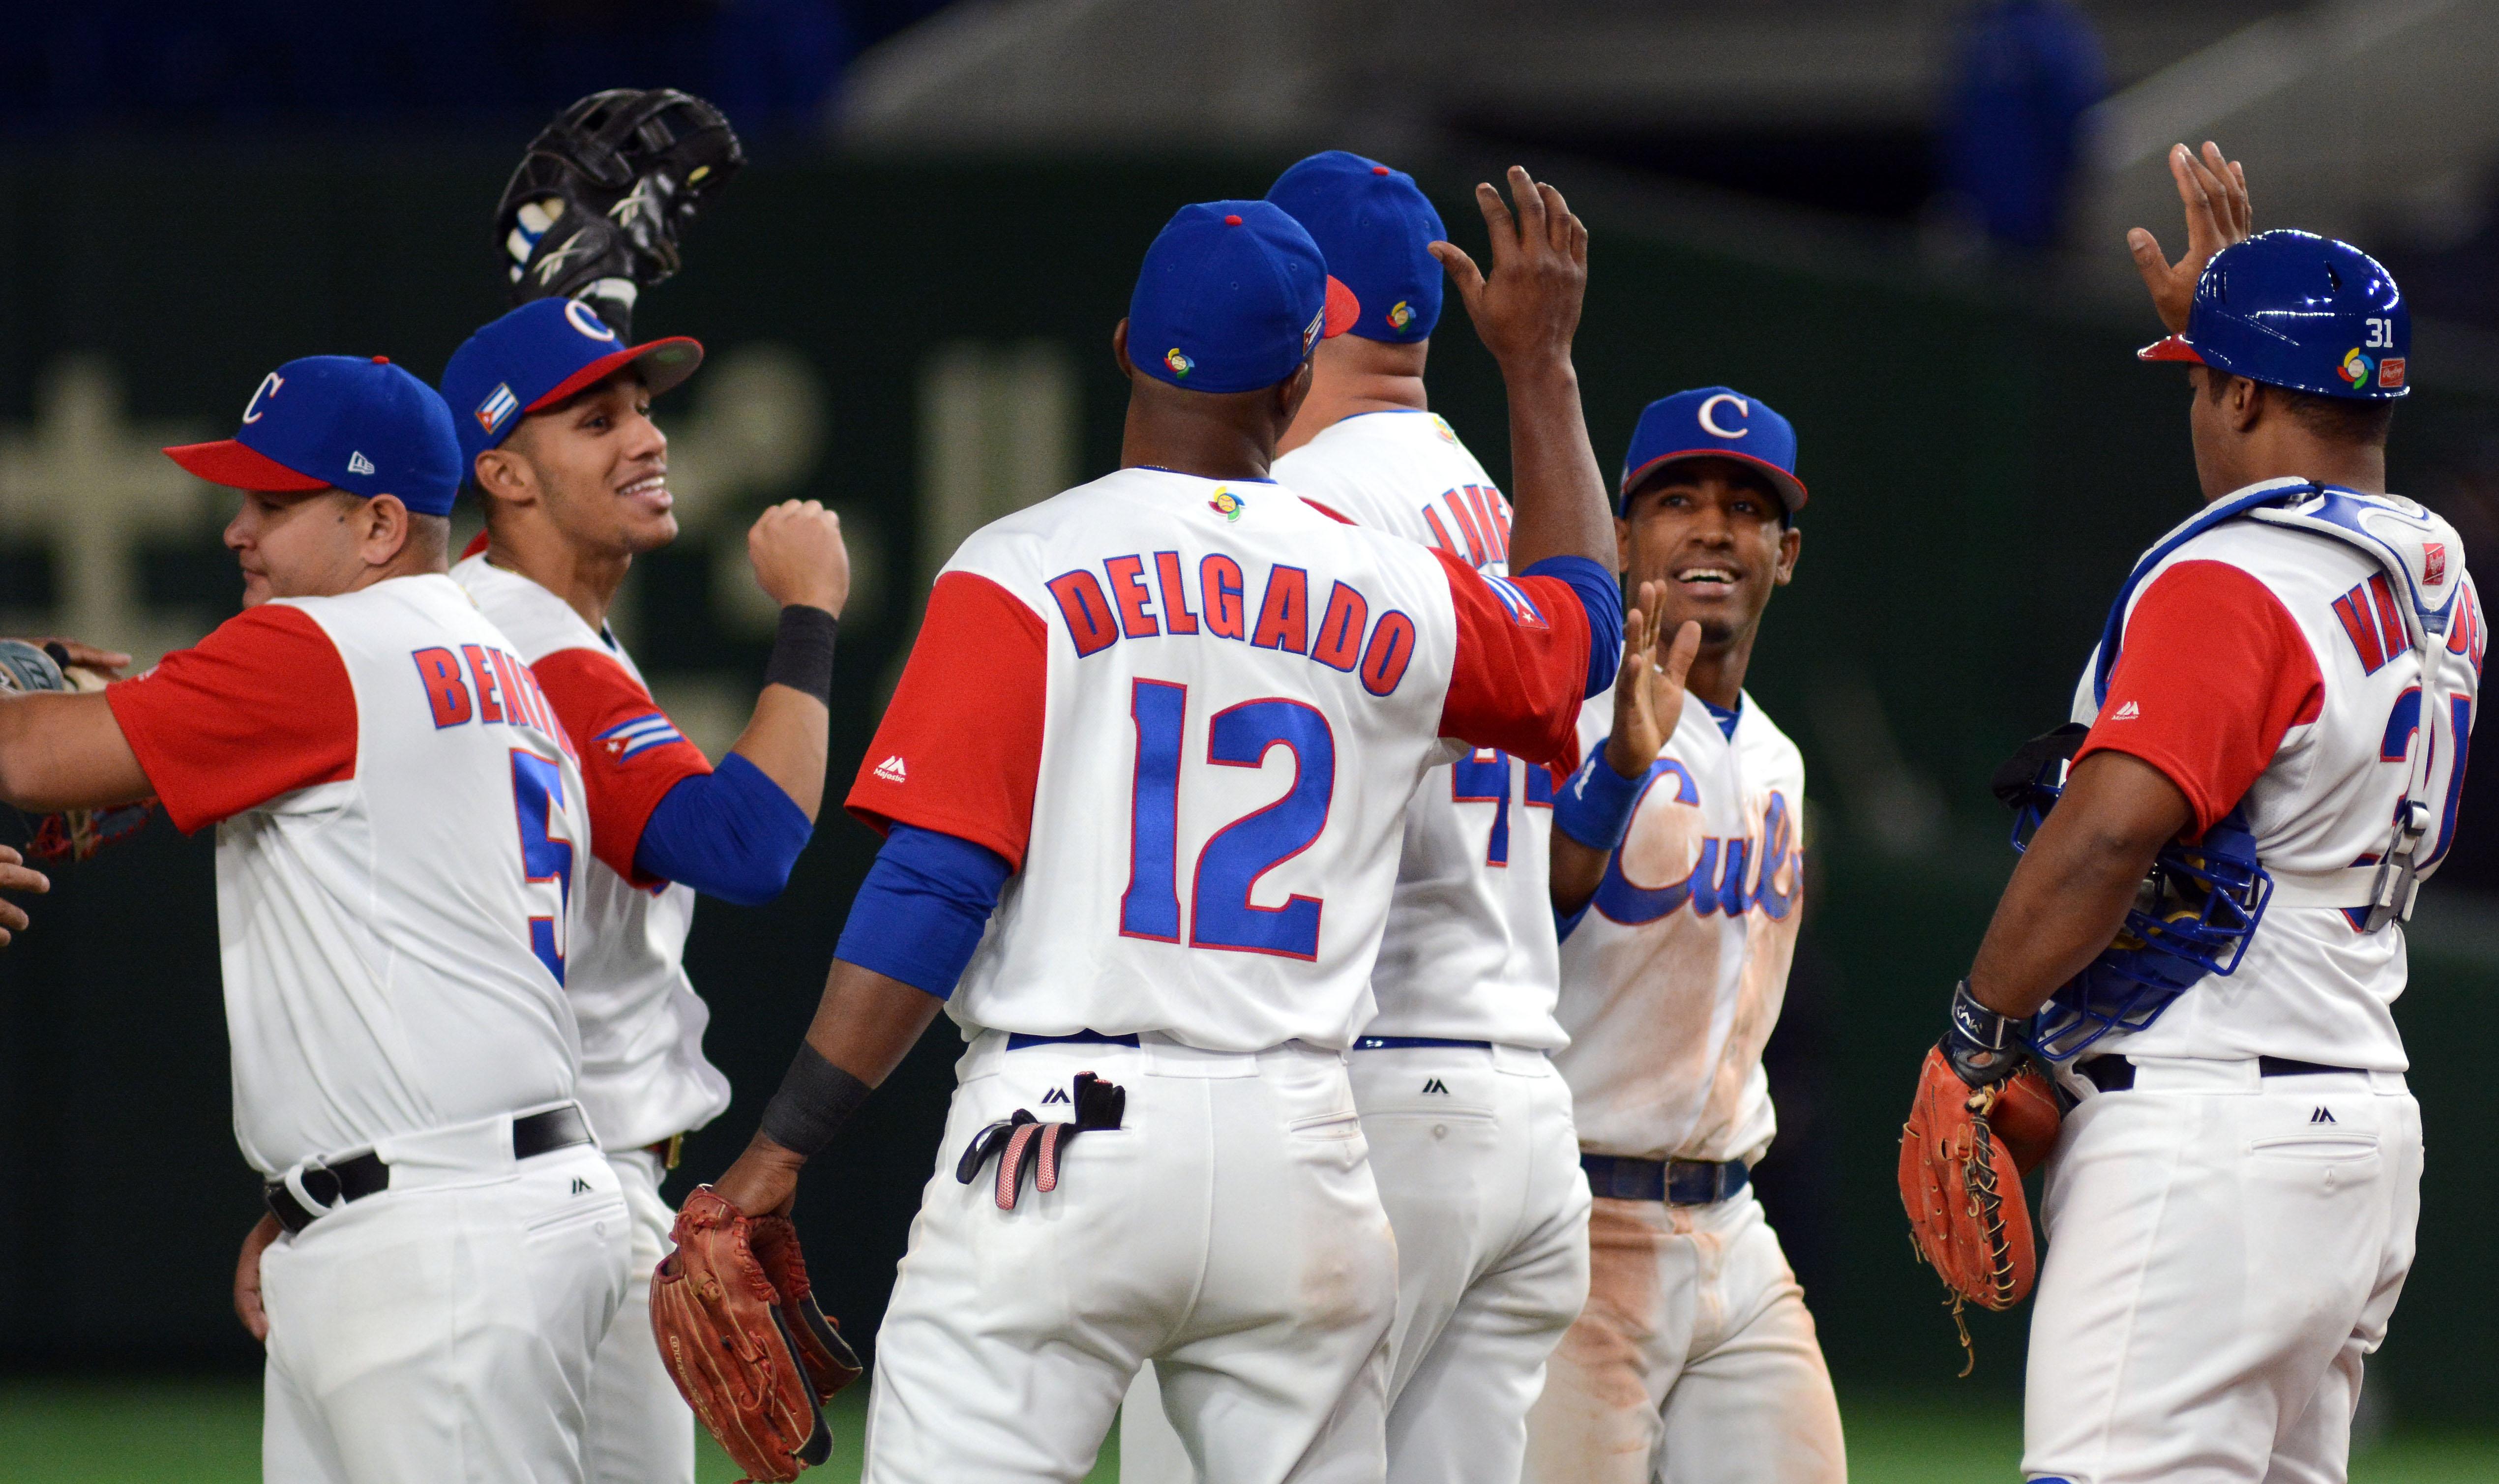 Cuba alcanza su primera victoria en el IV Clásico Mundial